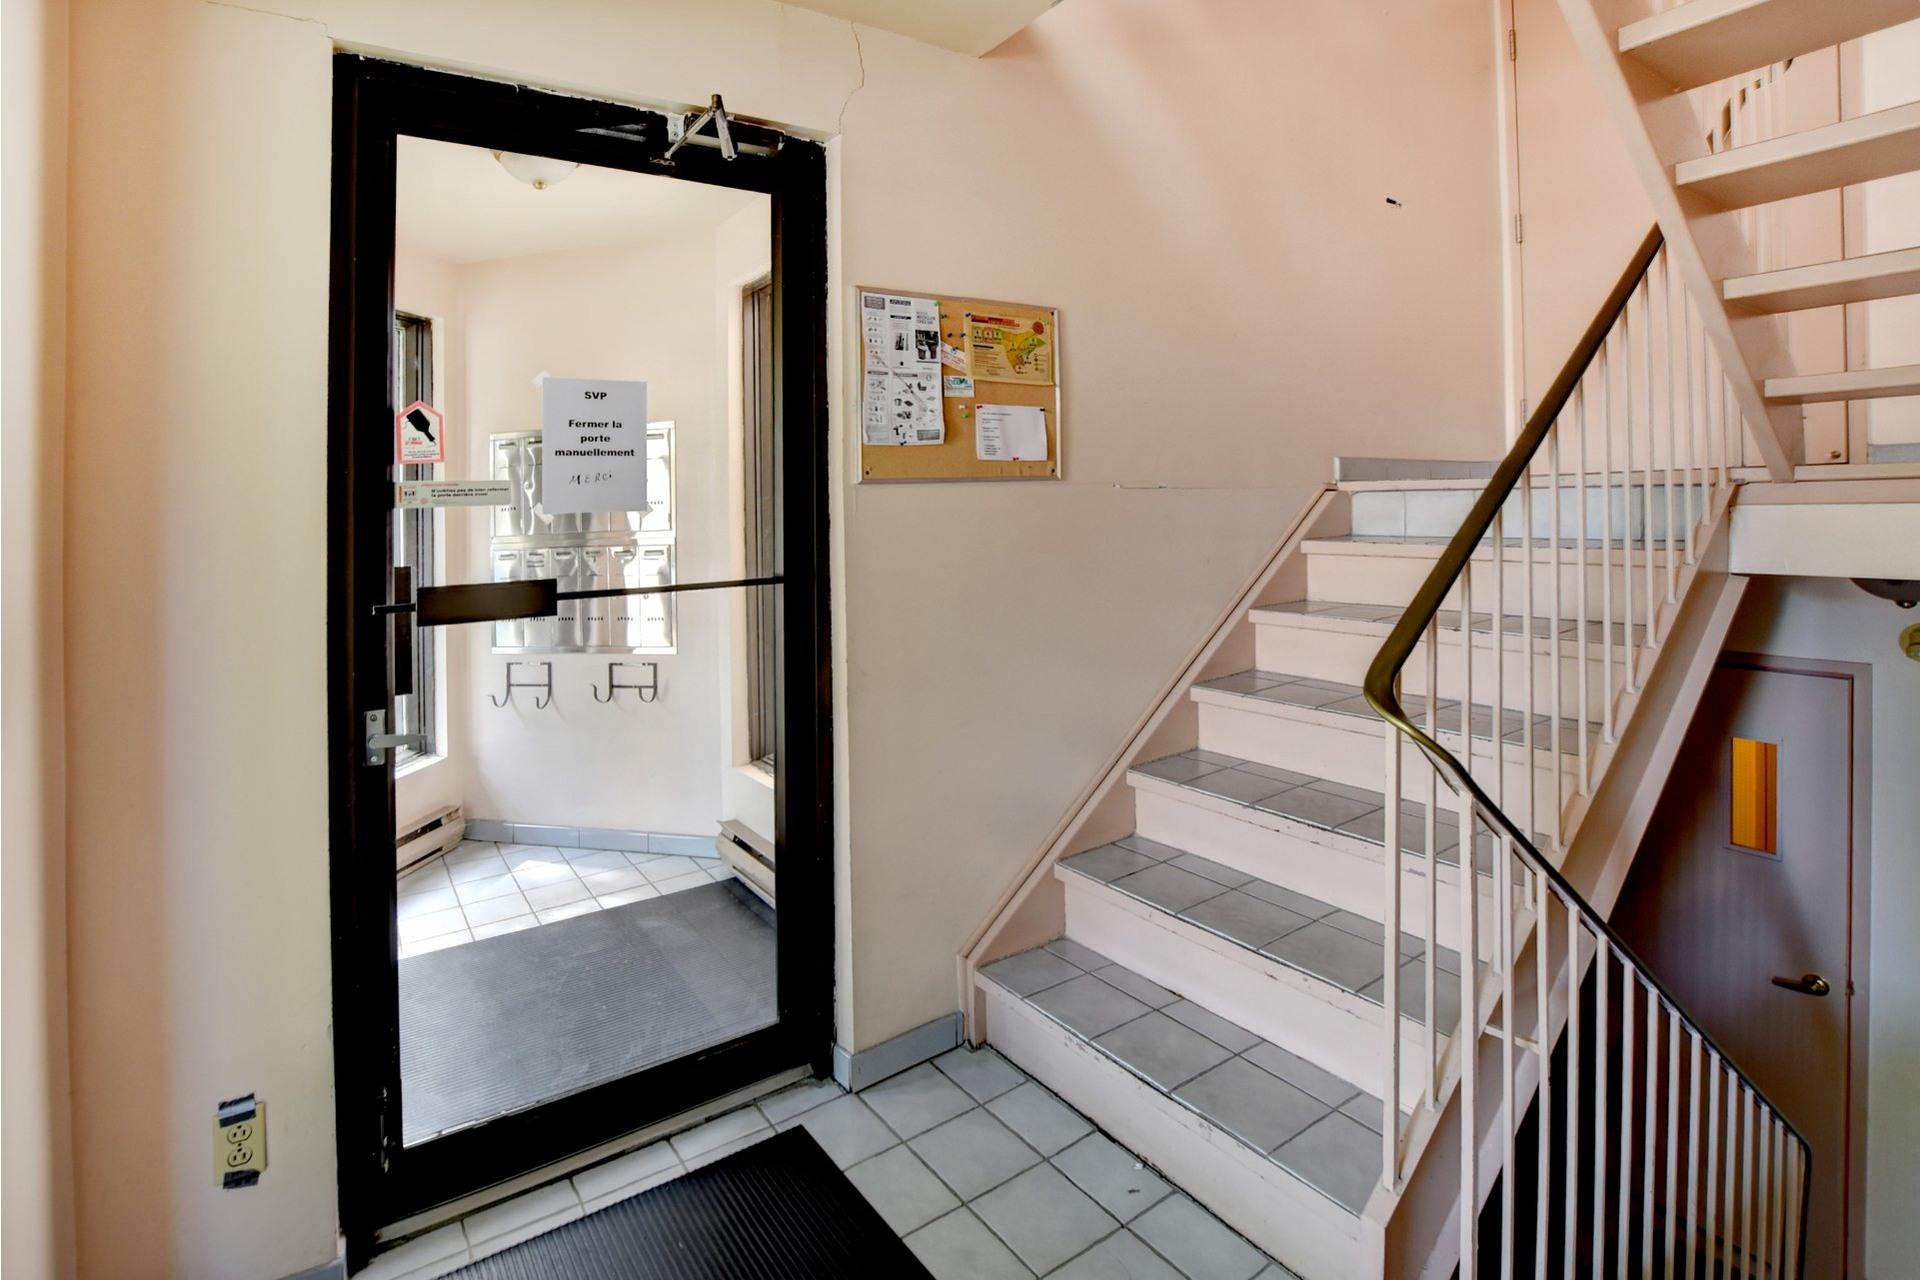 image 18 - Appartement À vendre Rivière-des-Prairies/Pointe-aux-Trembles Montréal  - 6 pièces